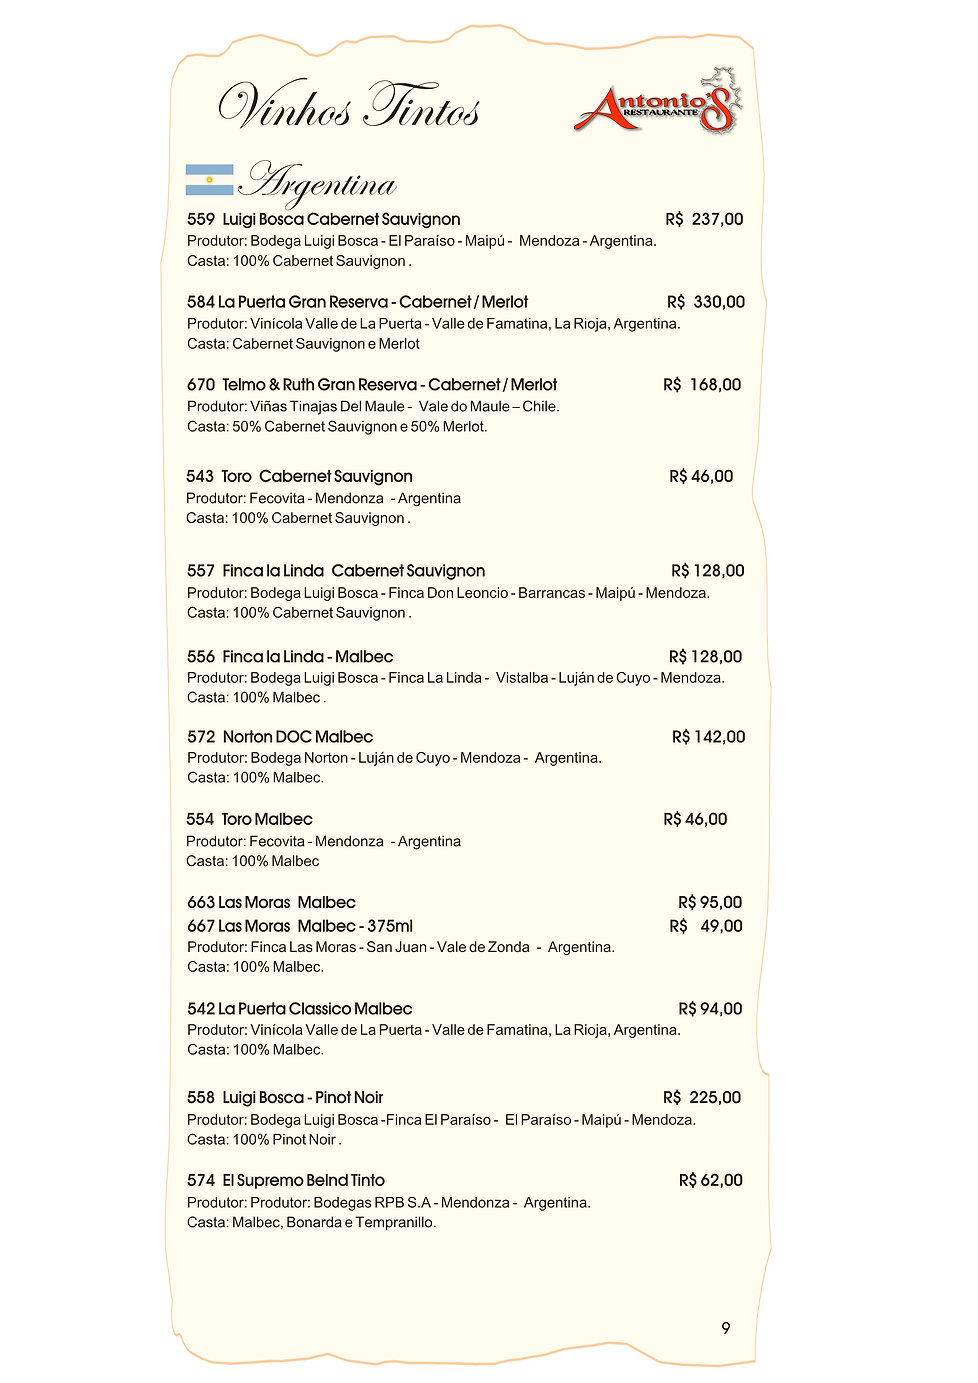 Carta de vinhos-PG-9.JPG